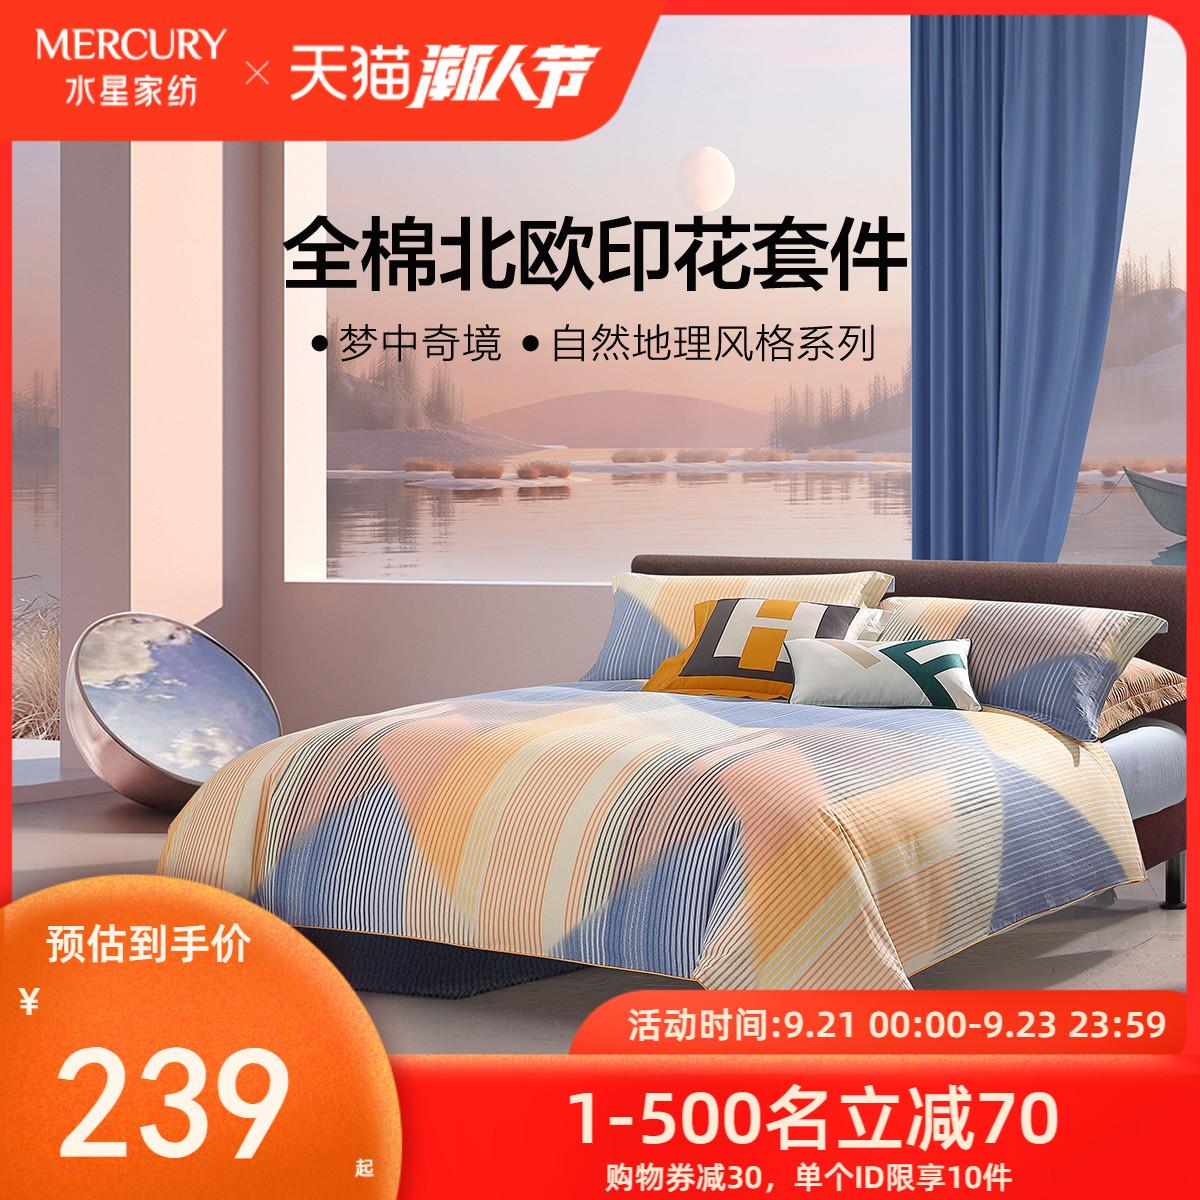 新品2020水星家纺四件套全棉纯棉被套床单北欧风床上用品幻彩韵橙